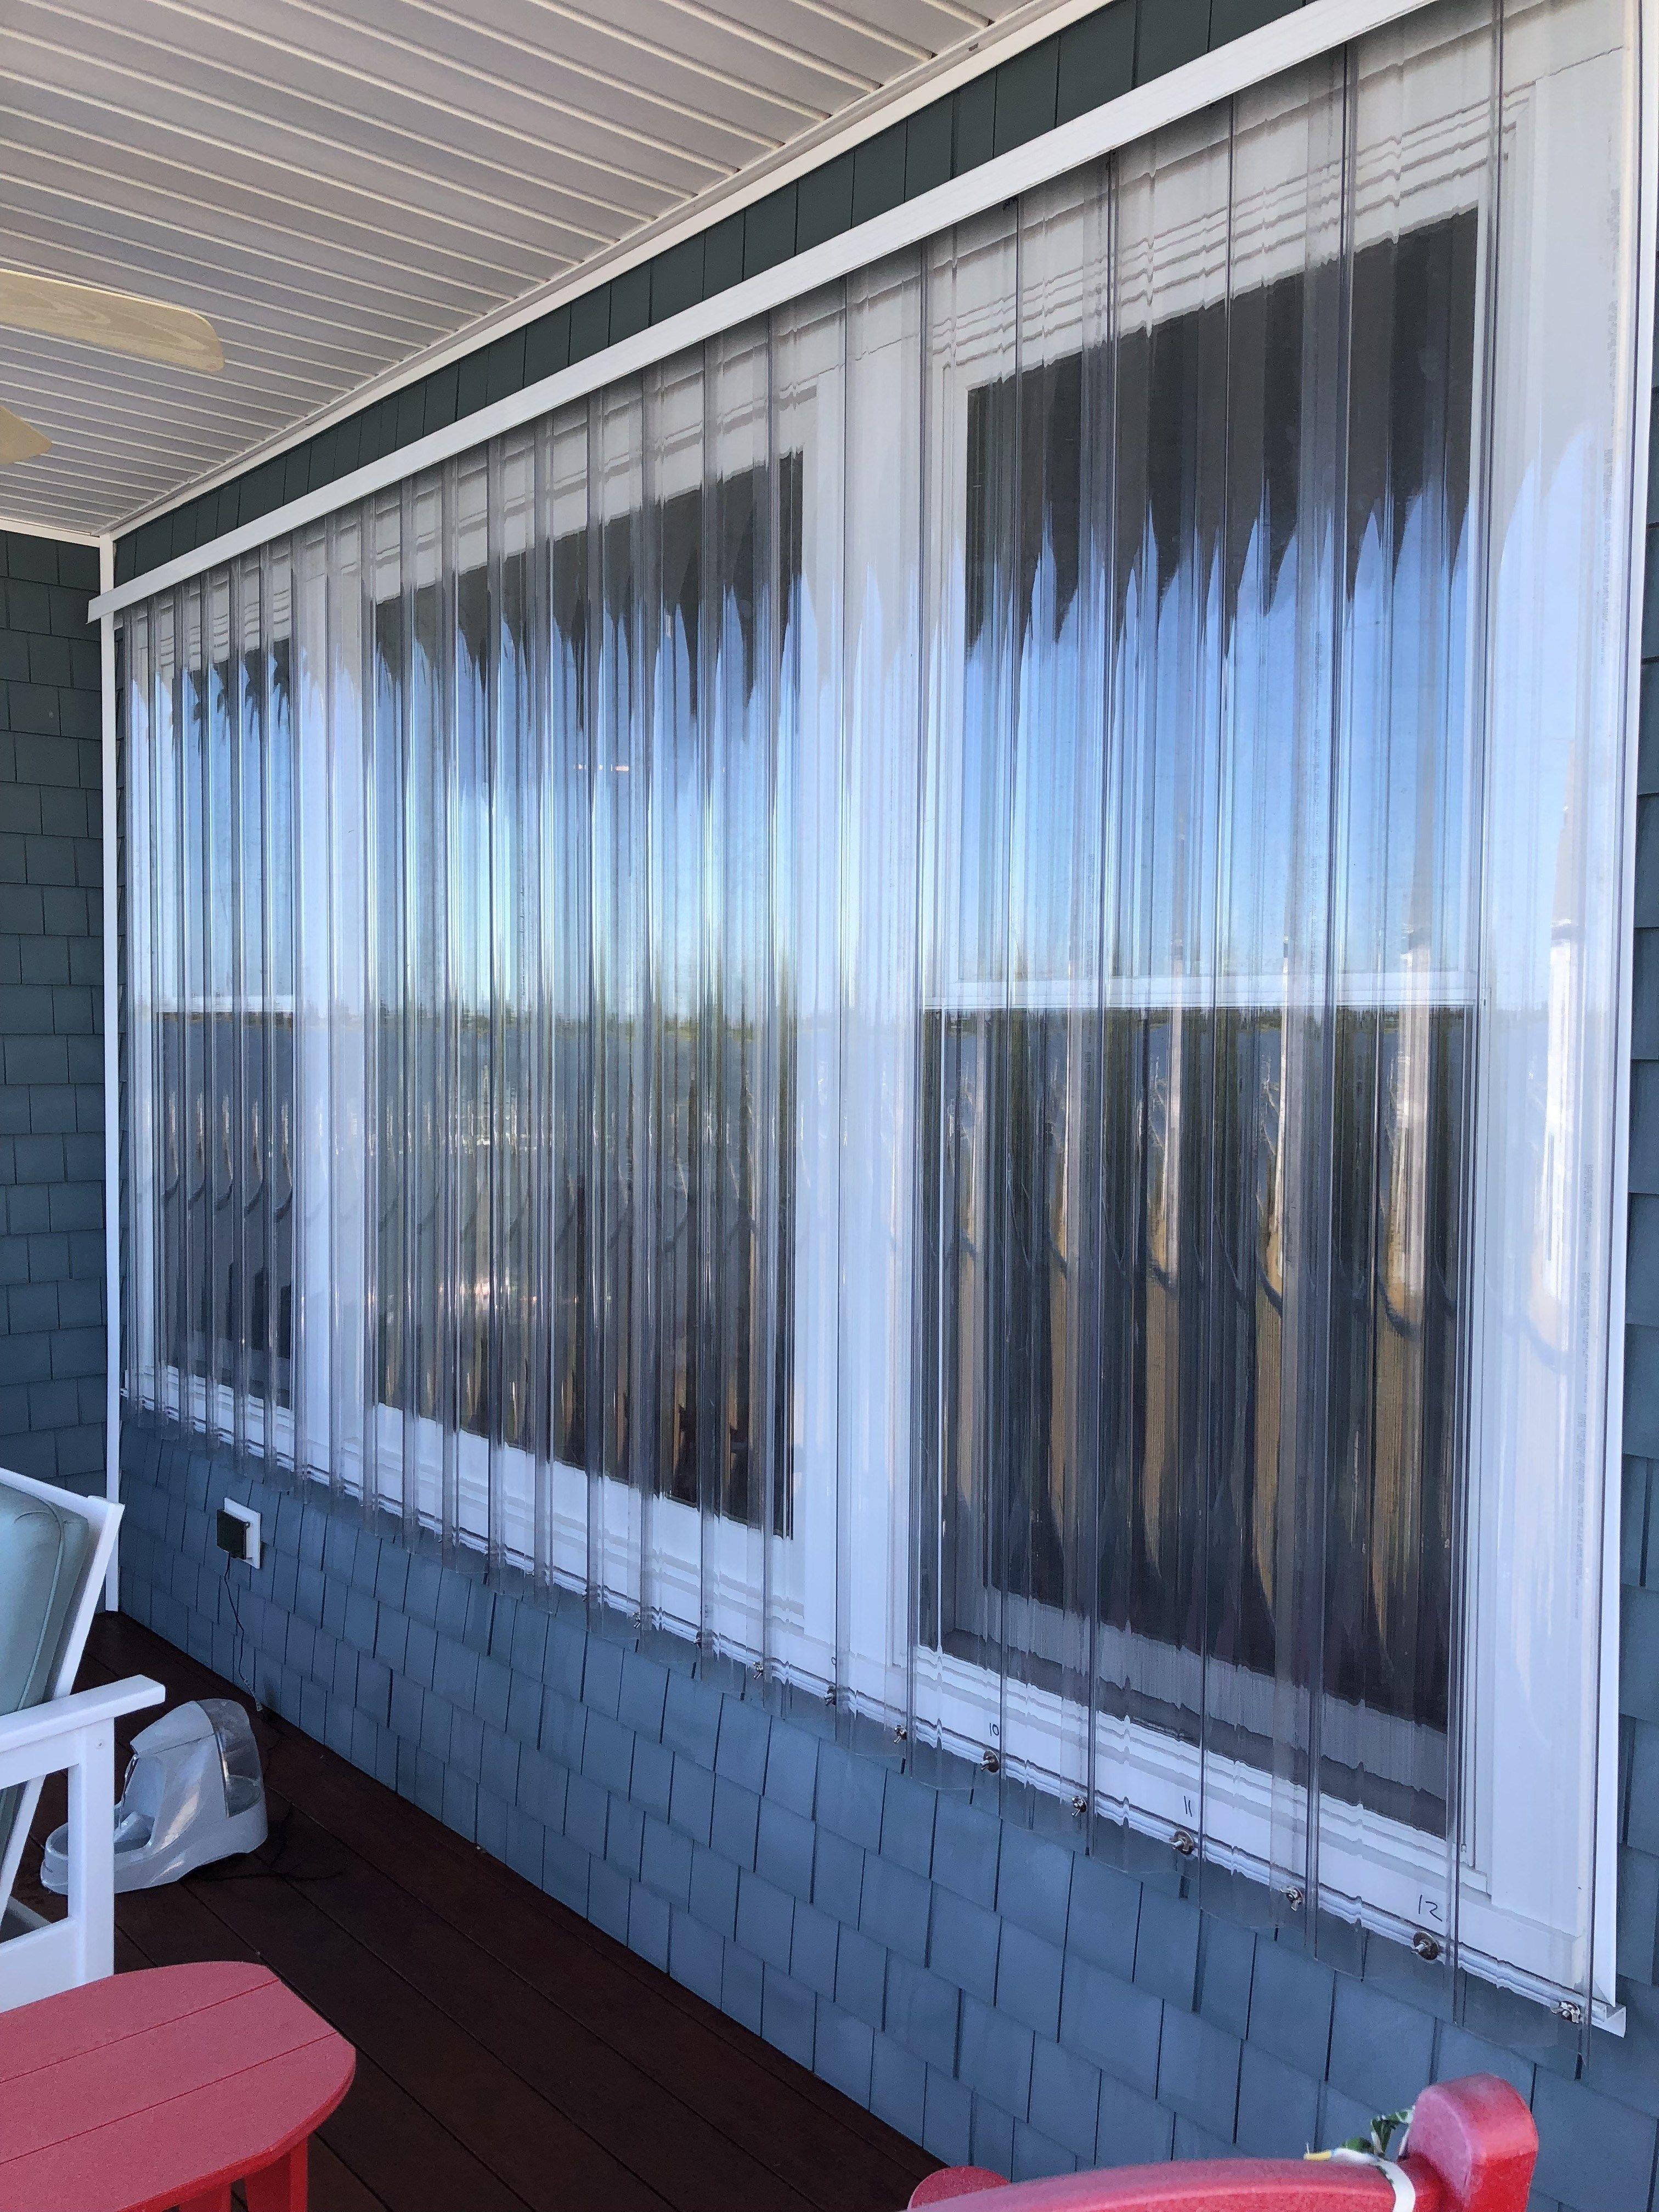 installing hurricane shutters on sliding glass doors